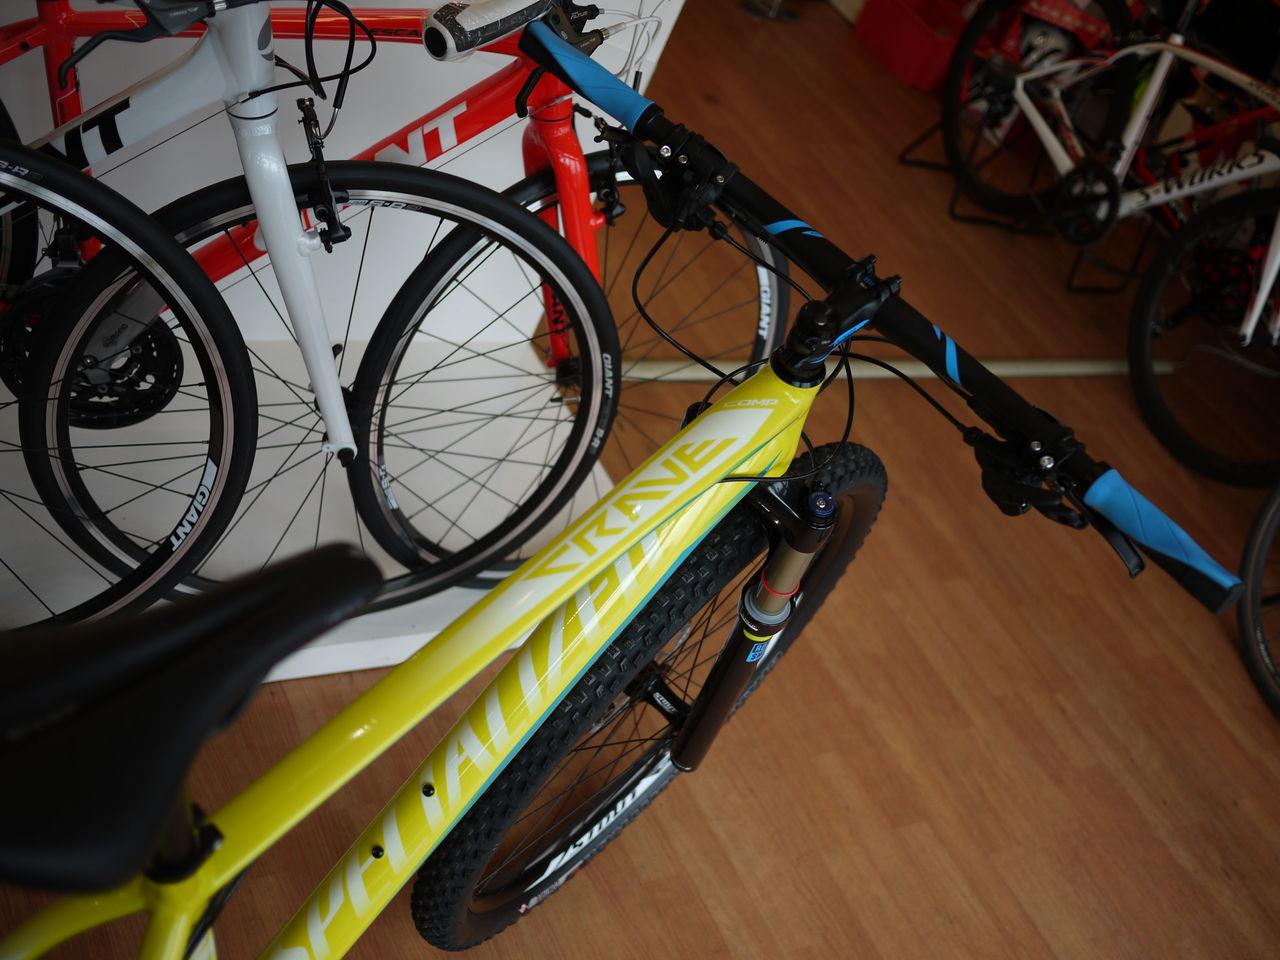 SBC 新着情報 : お客様の自転車 ...